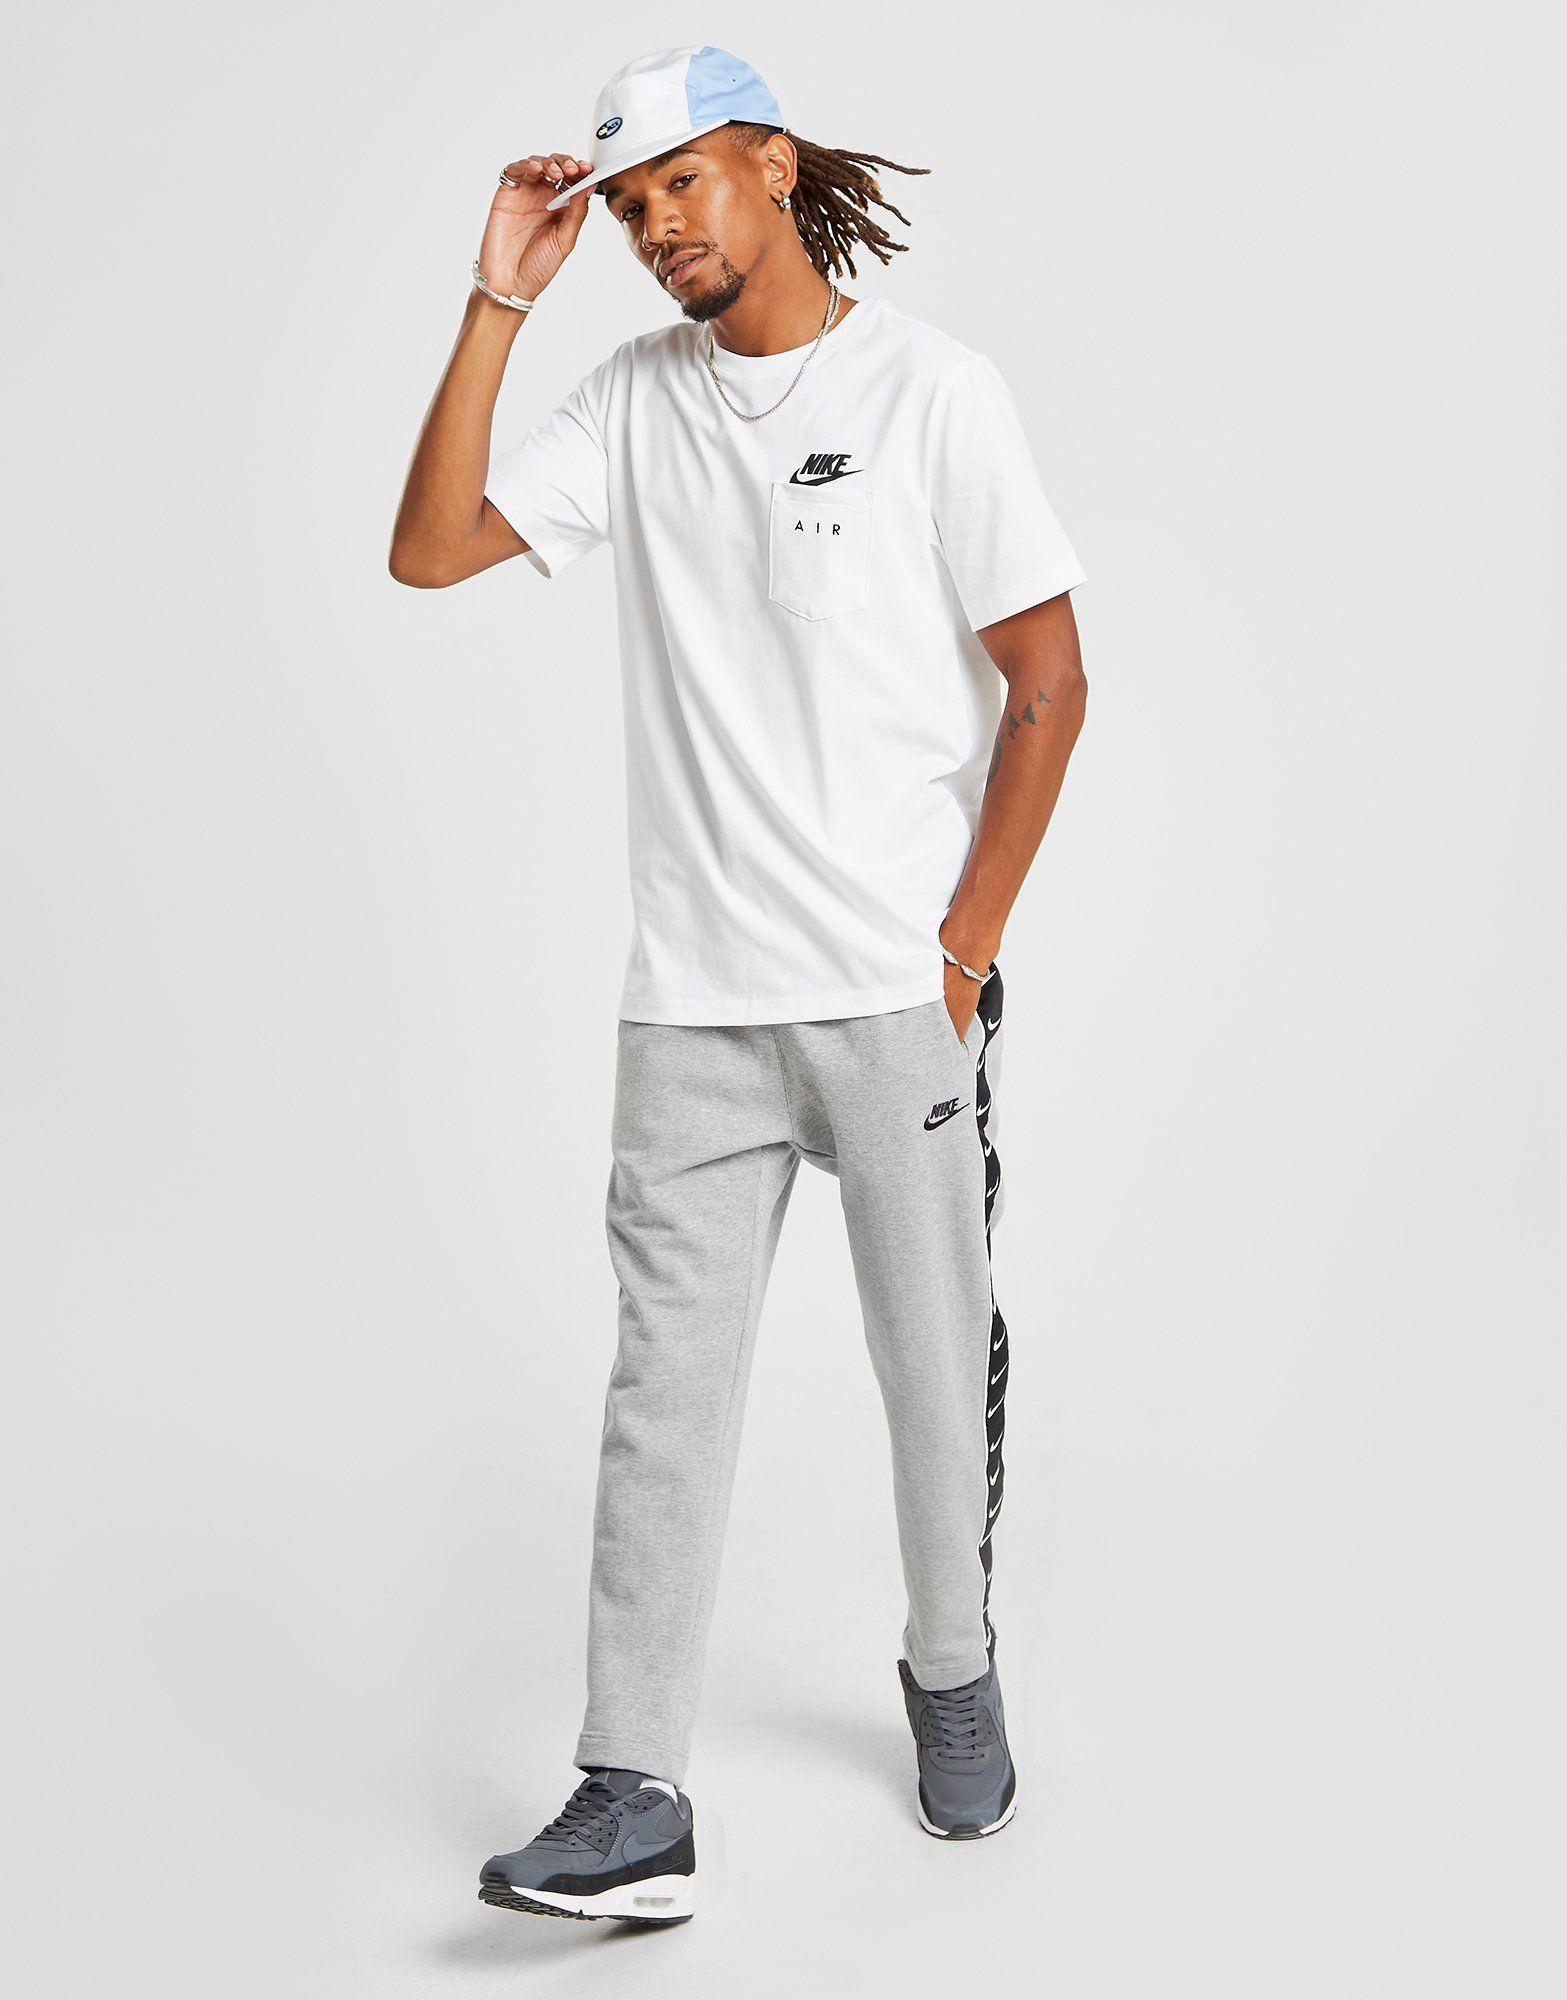 Nike Air Pocket T-Shirt